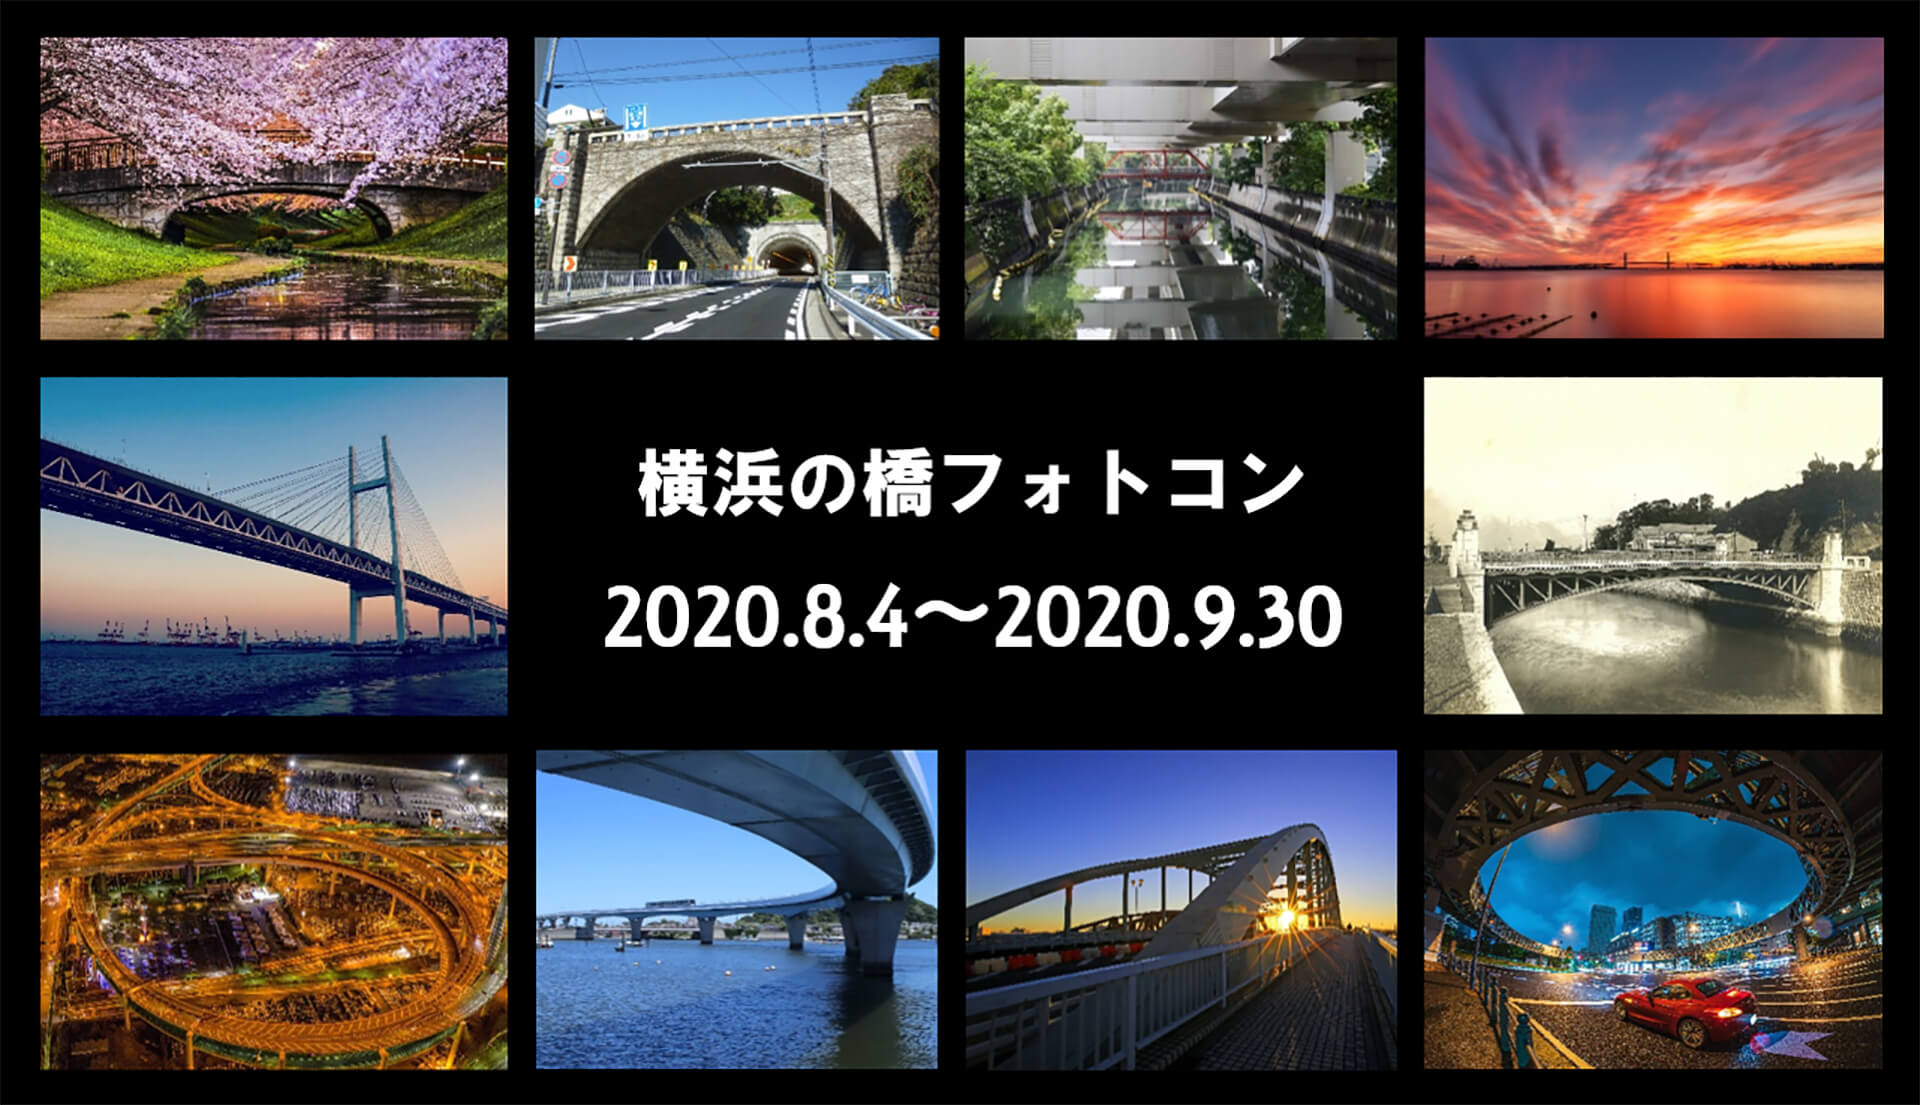 横浜の橋フォトコンテスト